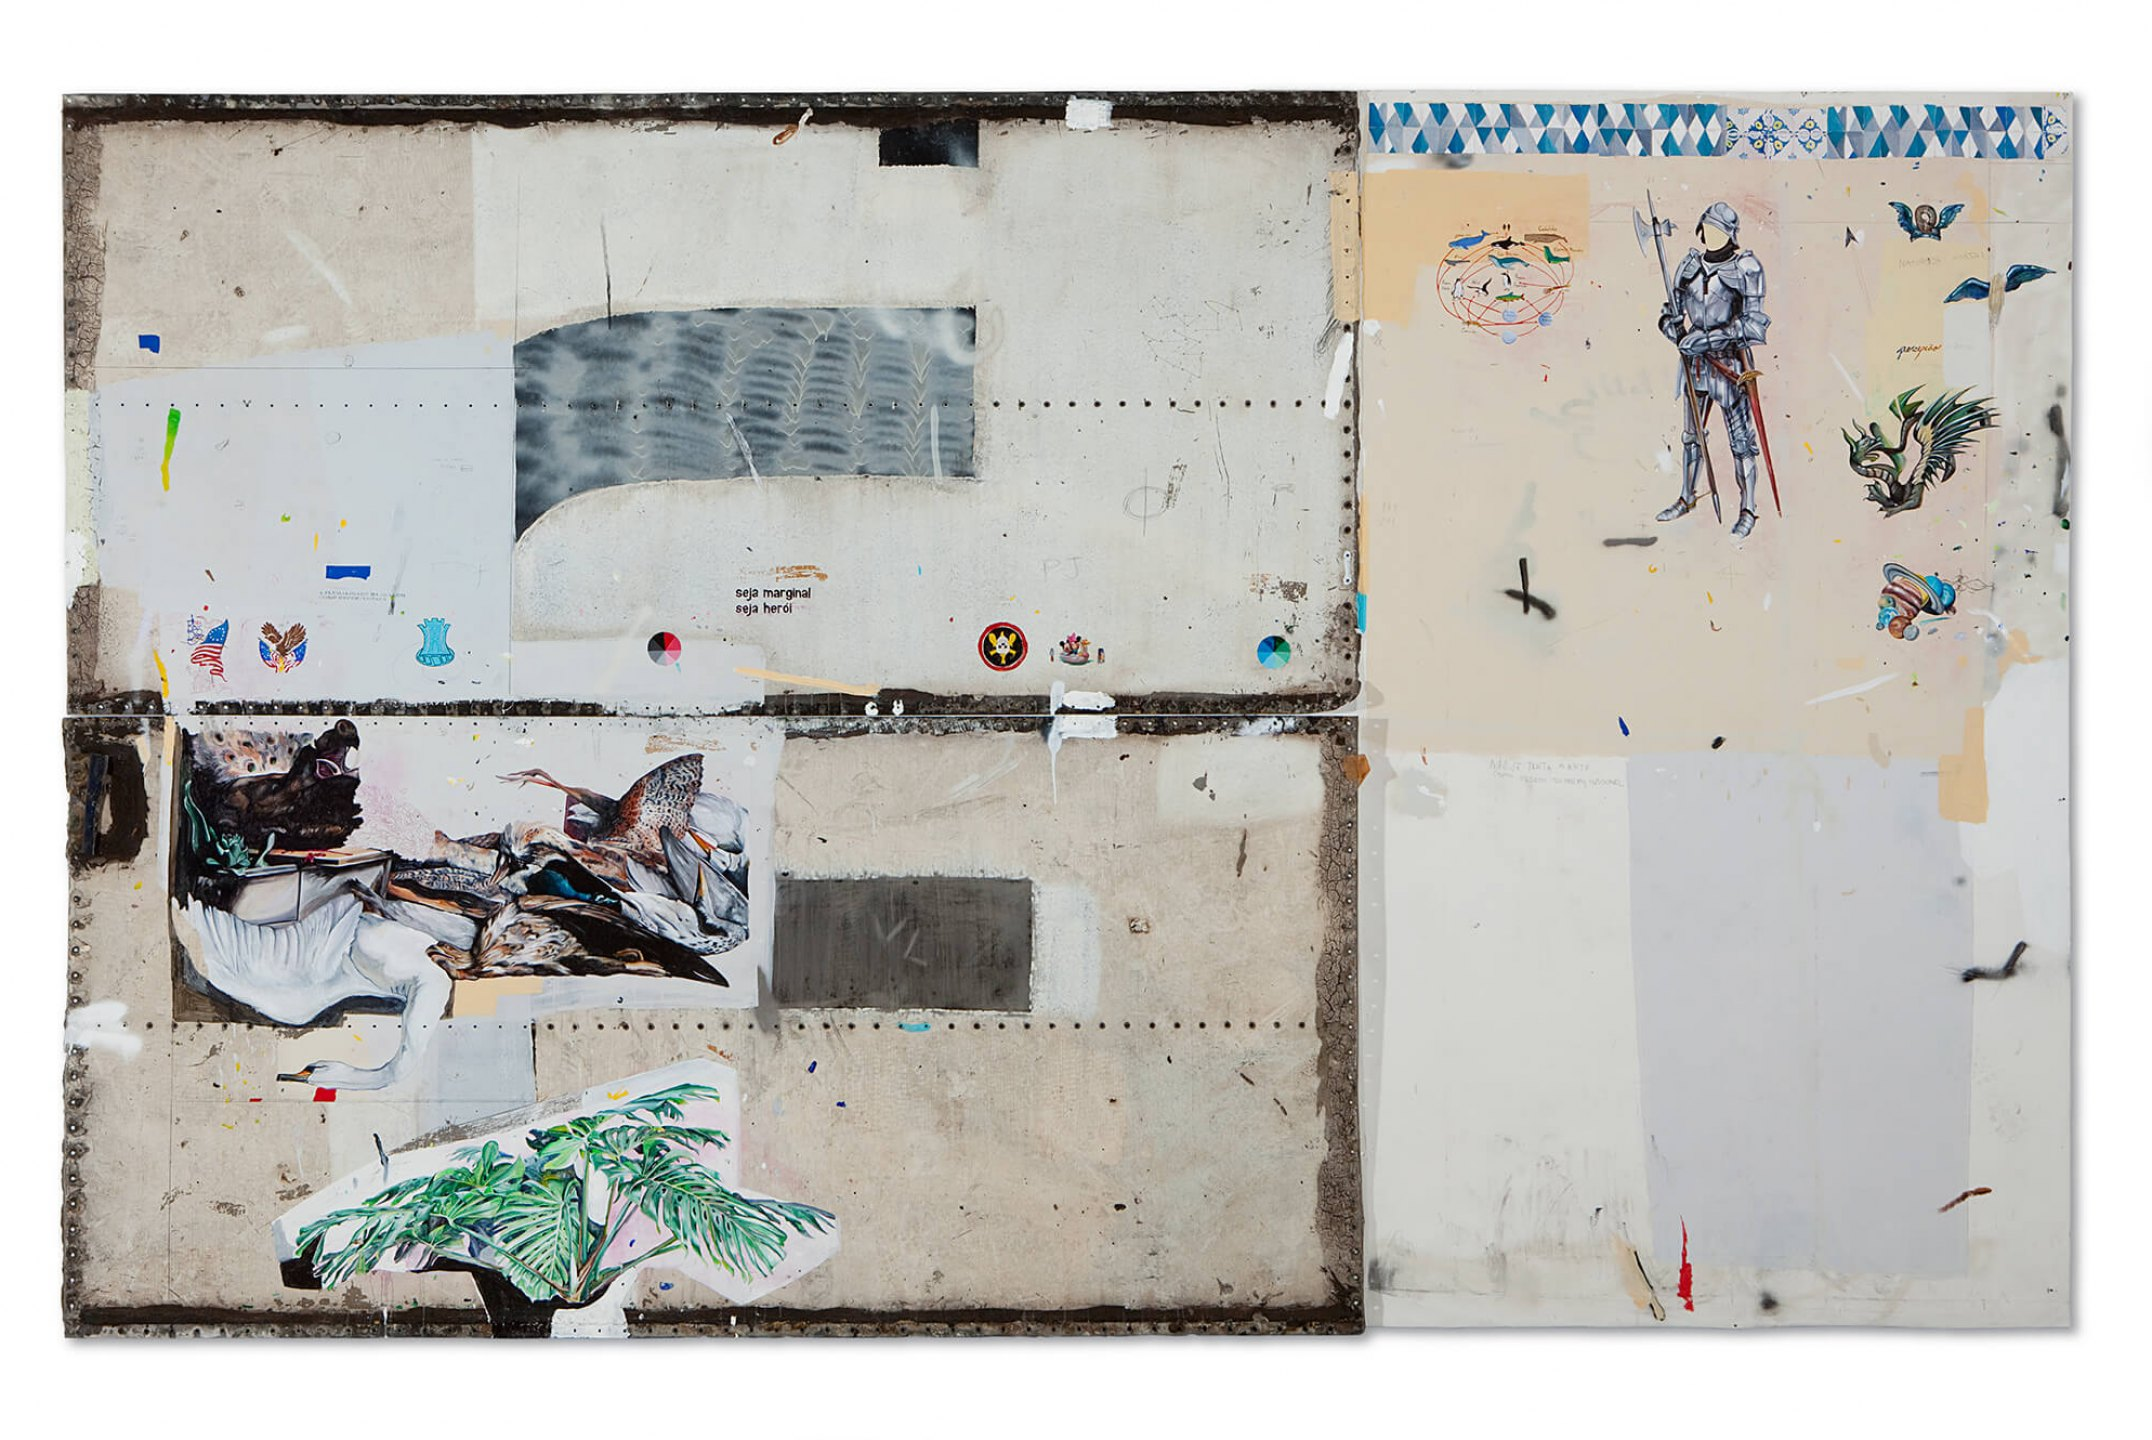 Paulo Nimer Pjota,&nbsp;<em>Dialogo entre Arranjos, </em>Constelações e Tempo 1, 2013,&nbsp;acrilic, synthetic enamel, pencil and pen on canvas and iron plate,&nbsp;246 x 400 cm (triptych - 123 x 259 cm each metal plate, 246 x 141 cm canvas) - Mendes Wood DM